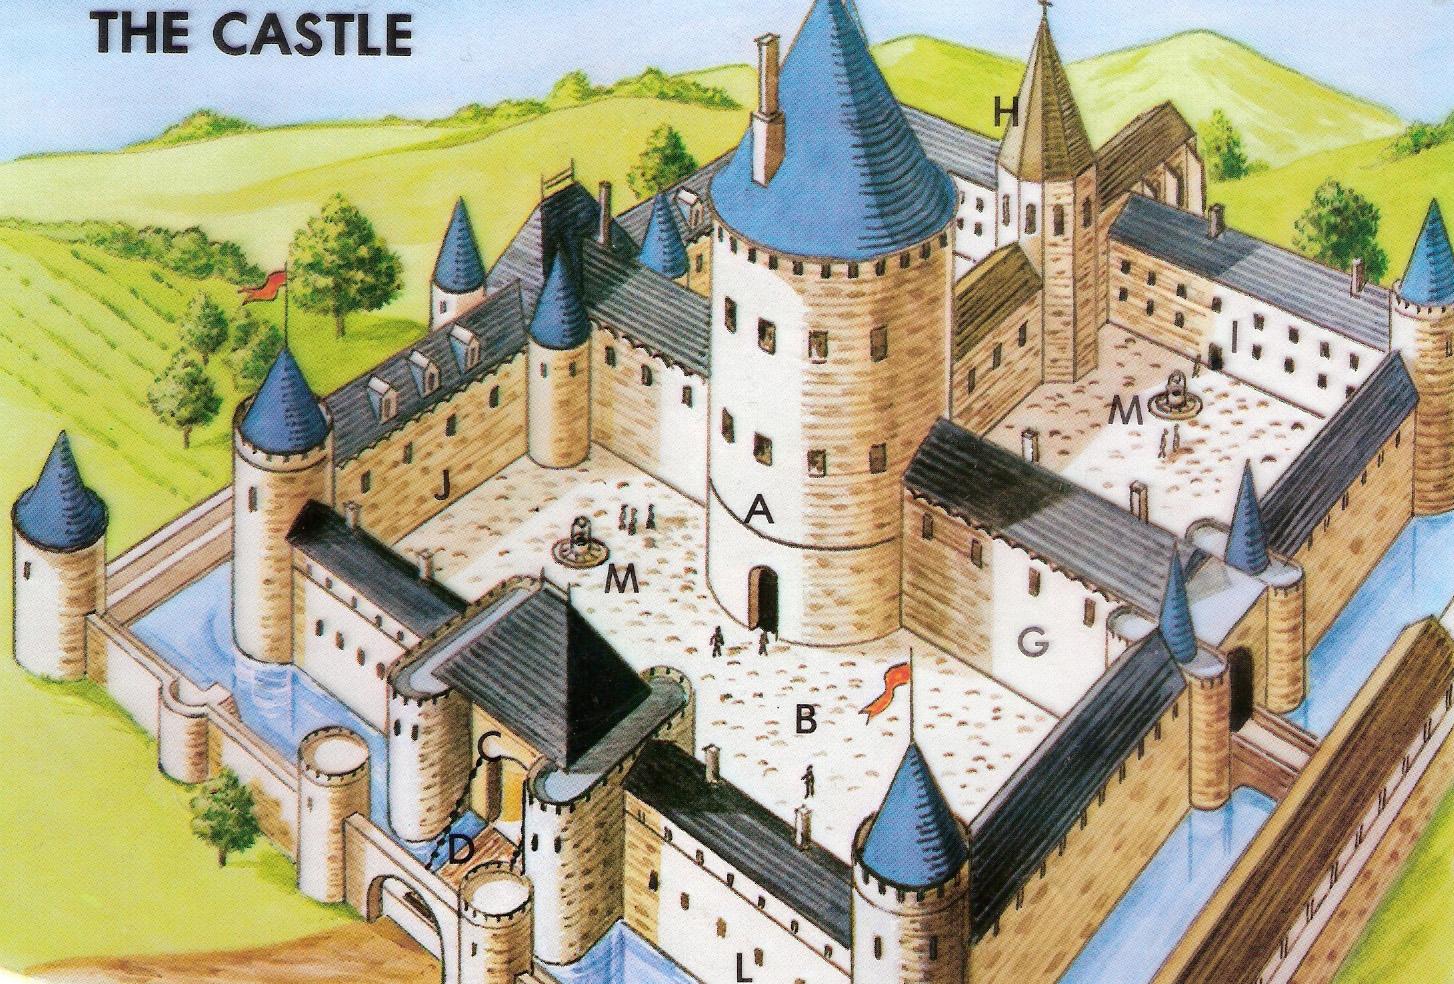 как картинка рыцарского замка в средние века различных видов